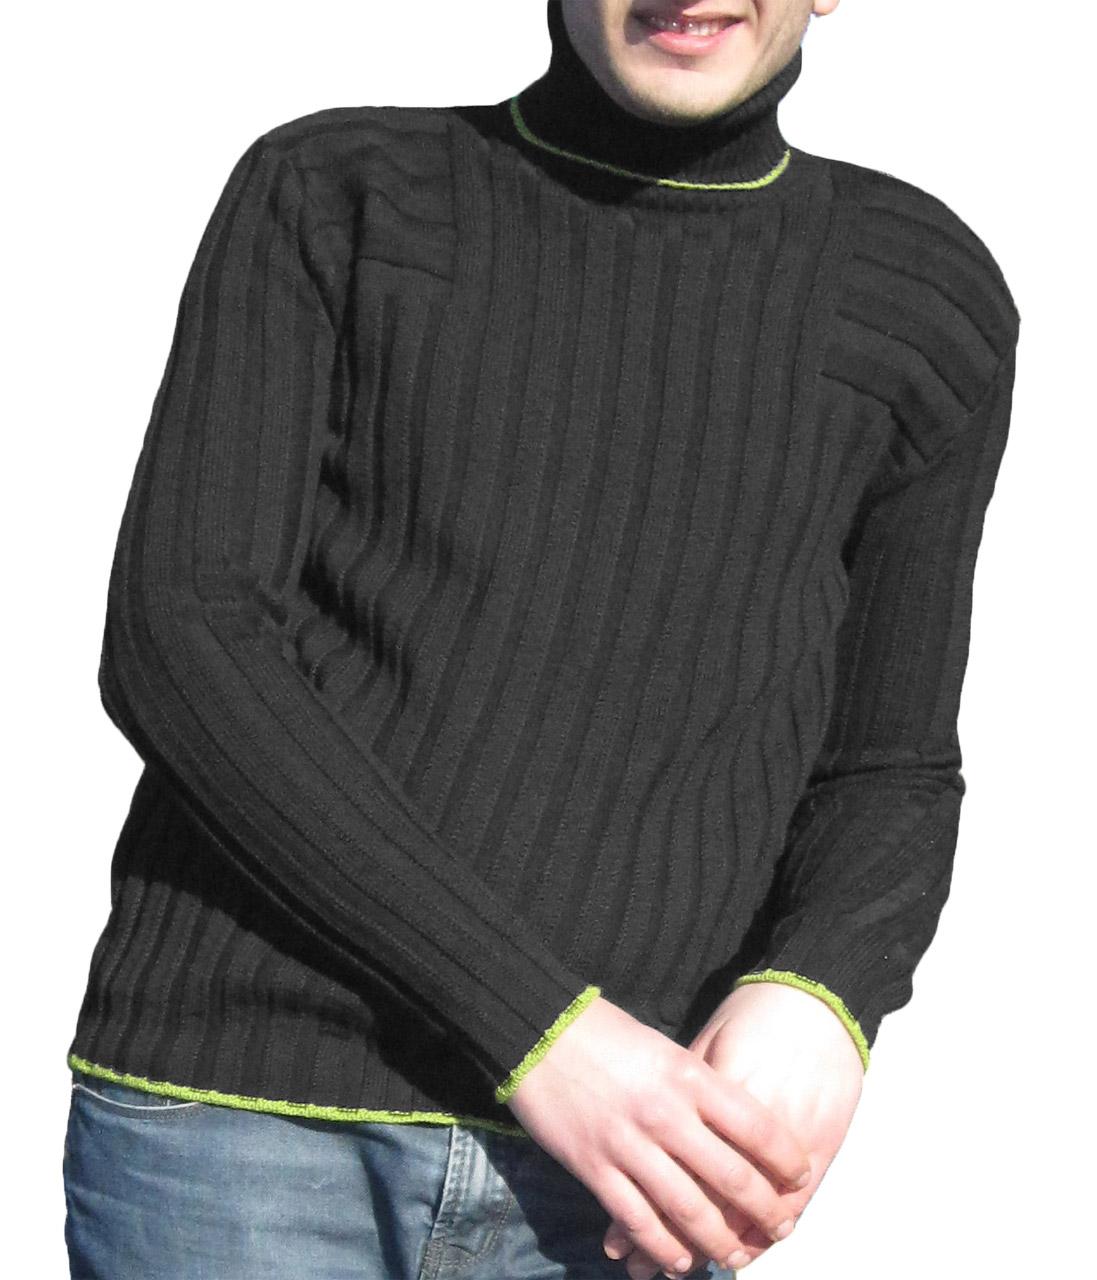 Maglia a Coste 6x6 Collo Alto Grey- Sweater with Ribbon 6x6 Turtleneck Grey